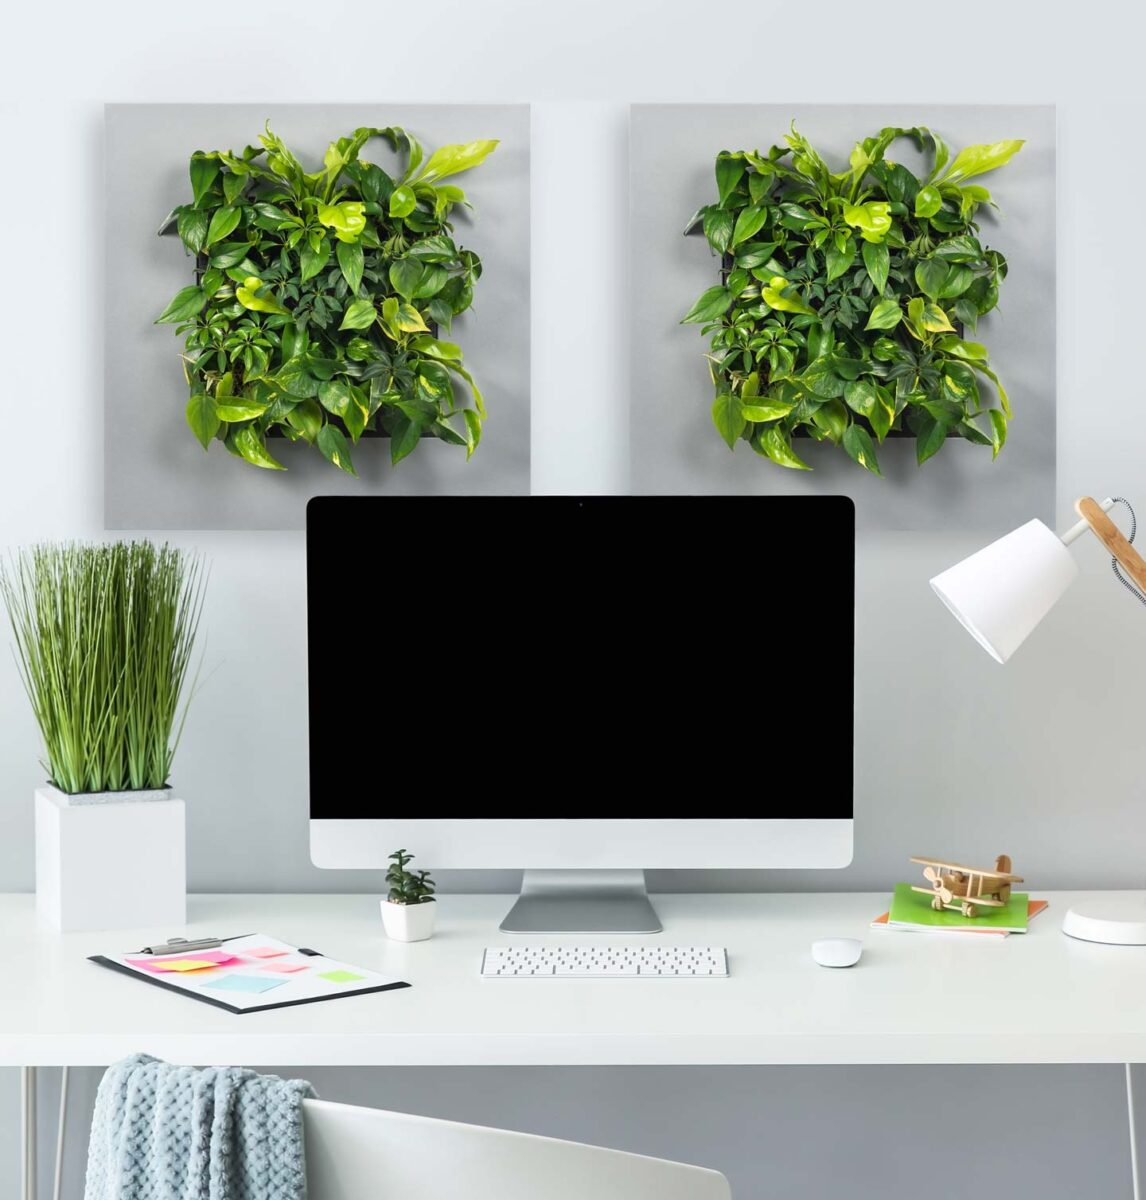 quadri-vegetali1